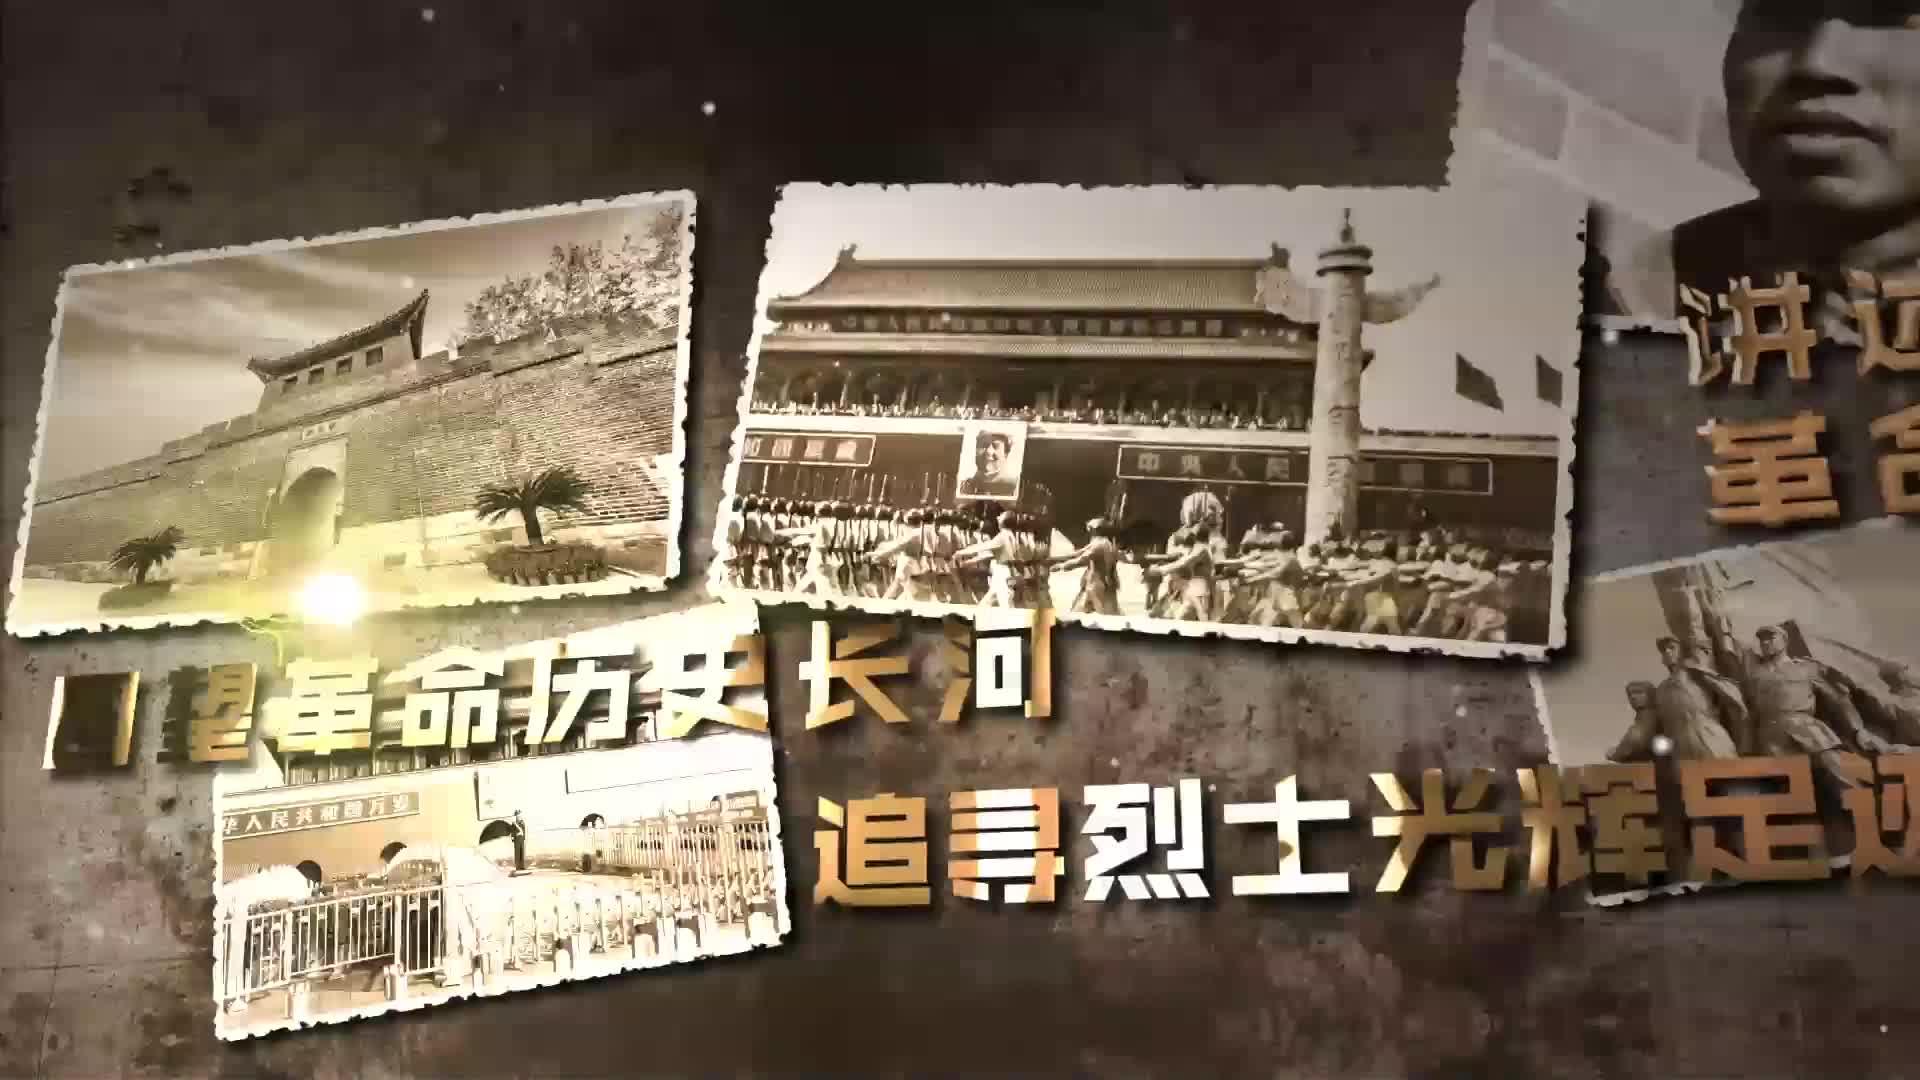 系列短视频《最是磨难砺初心》(五)何孟雄、缪伯英:英雄夫妻留美名